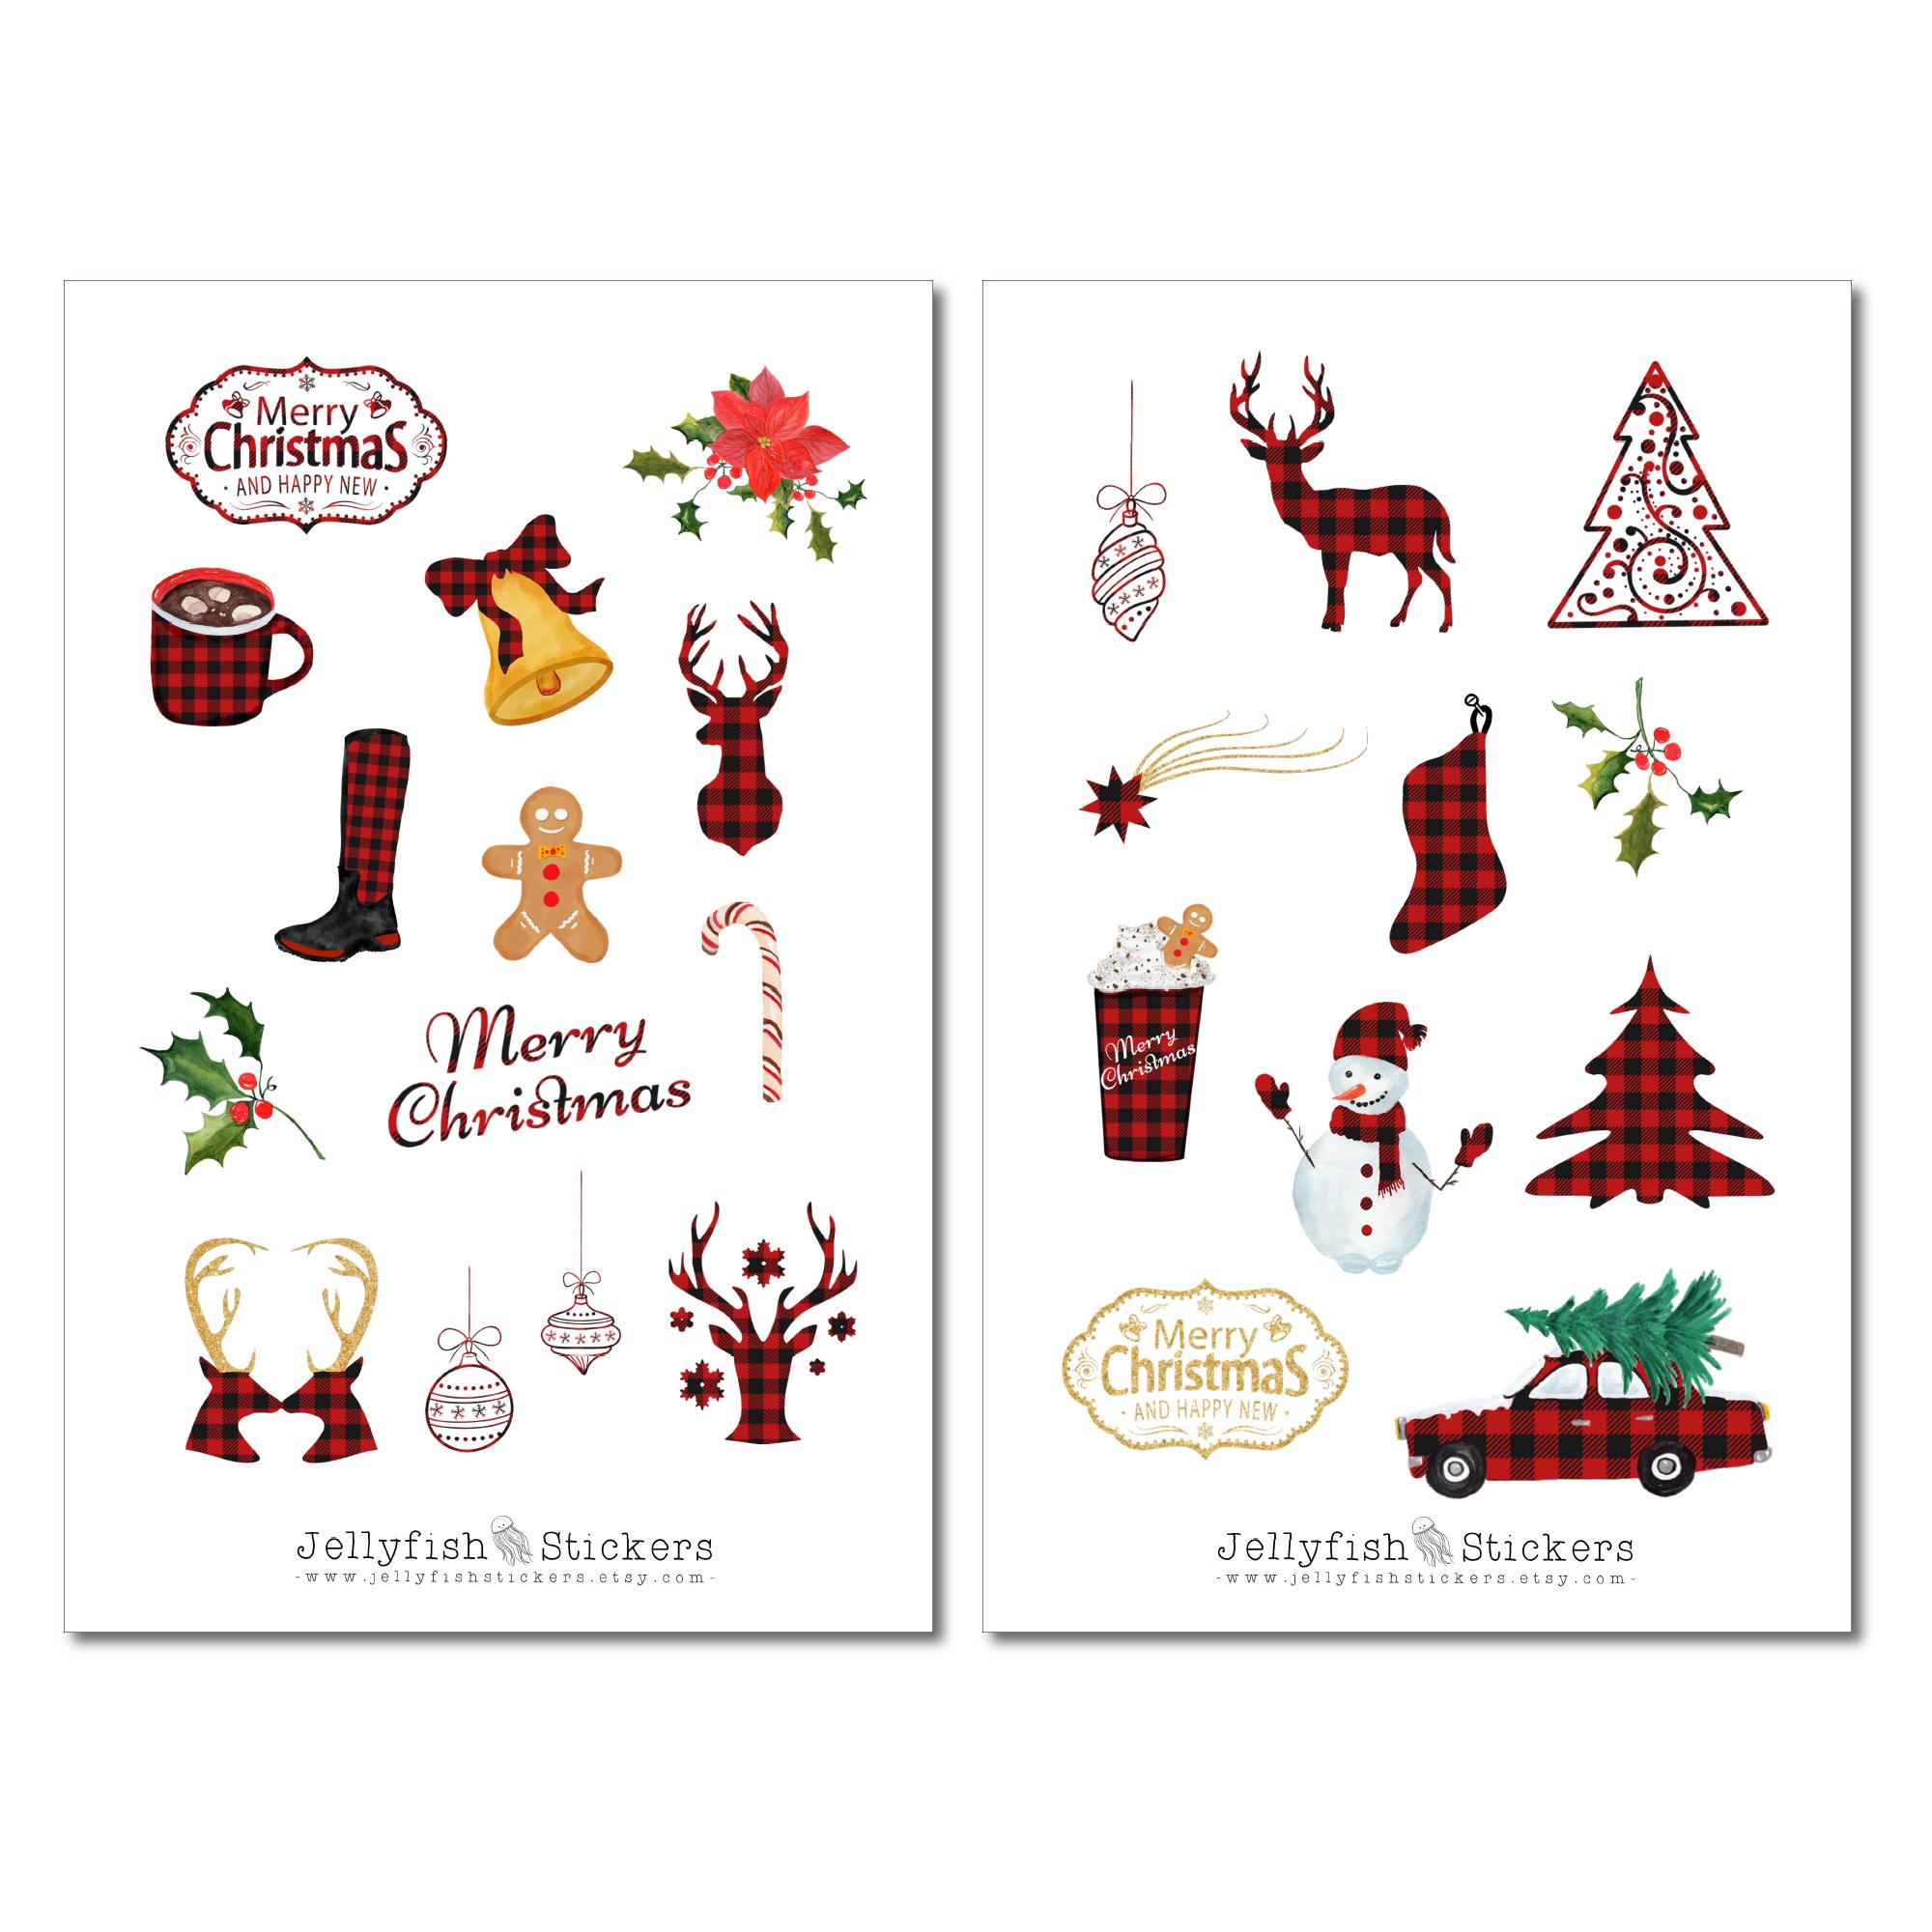 jellyfish stickers  weihnachten sticker set